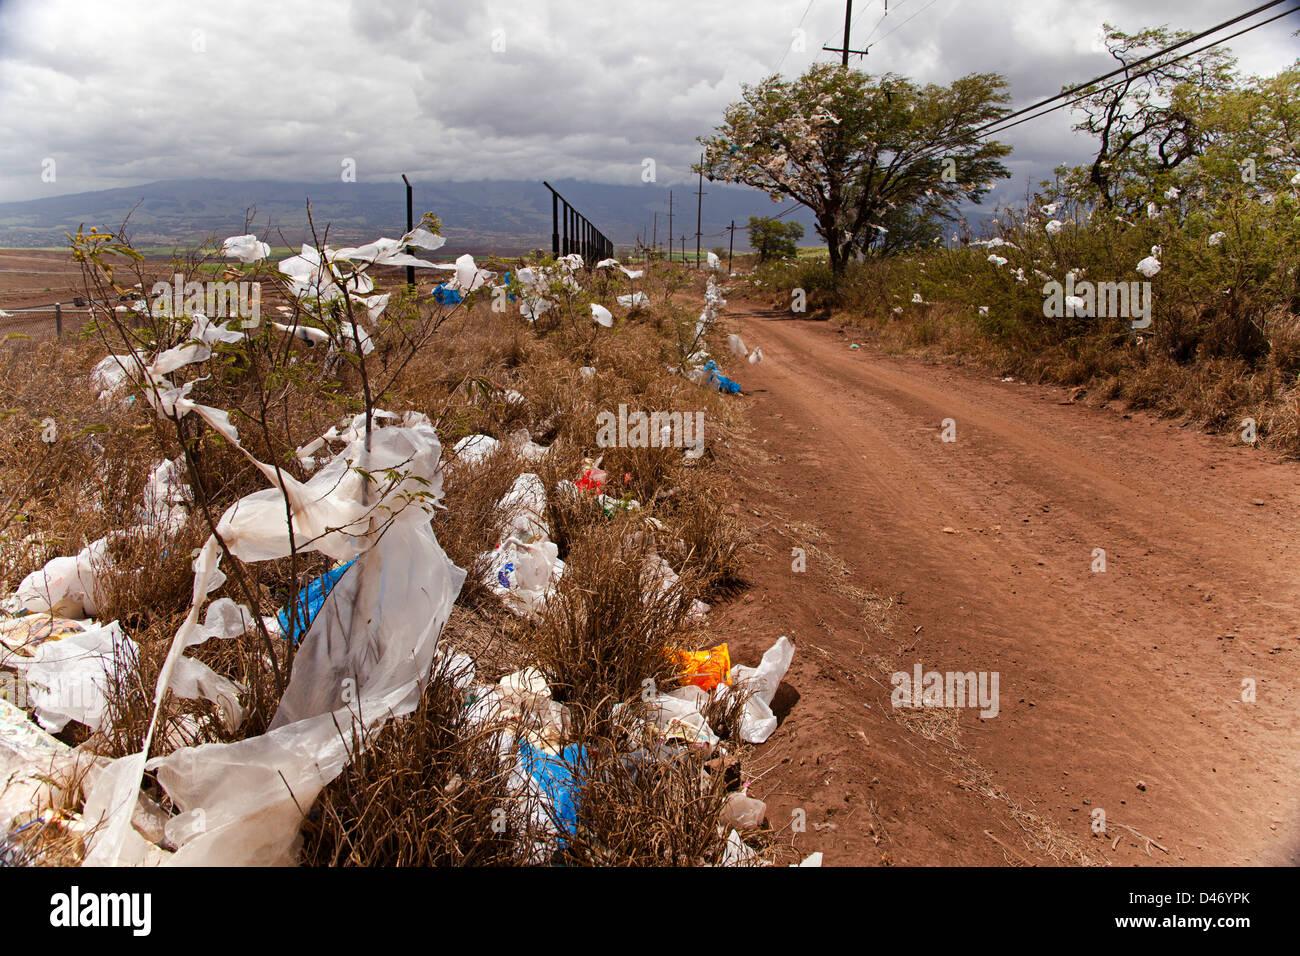 Matorrales y árboles llenos de bolsas de plástico, viento abajo de un vertedero en la isla de Maui, Hawai. Imagen De Stock